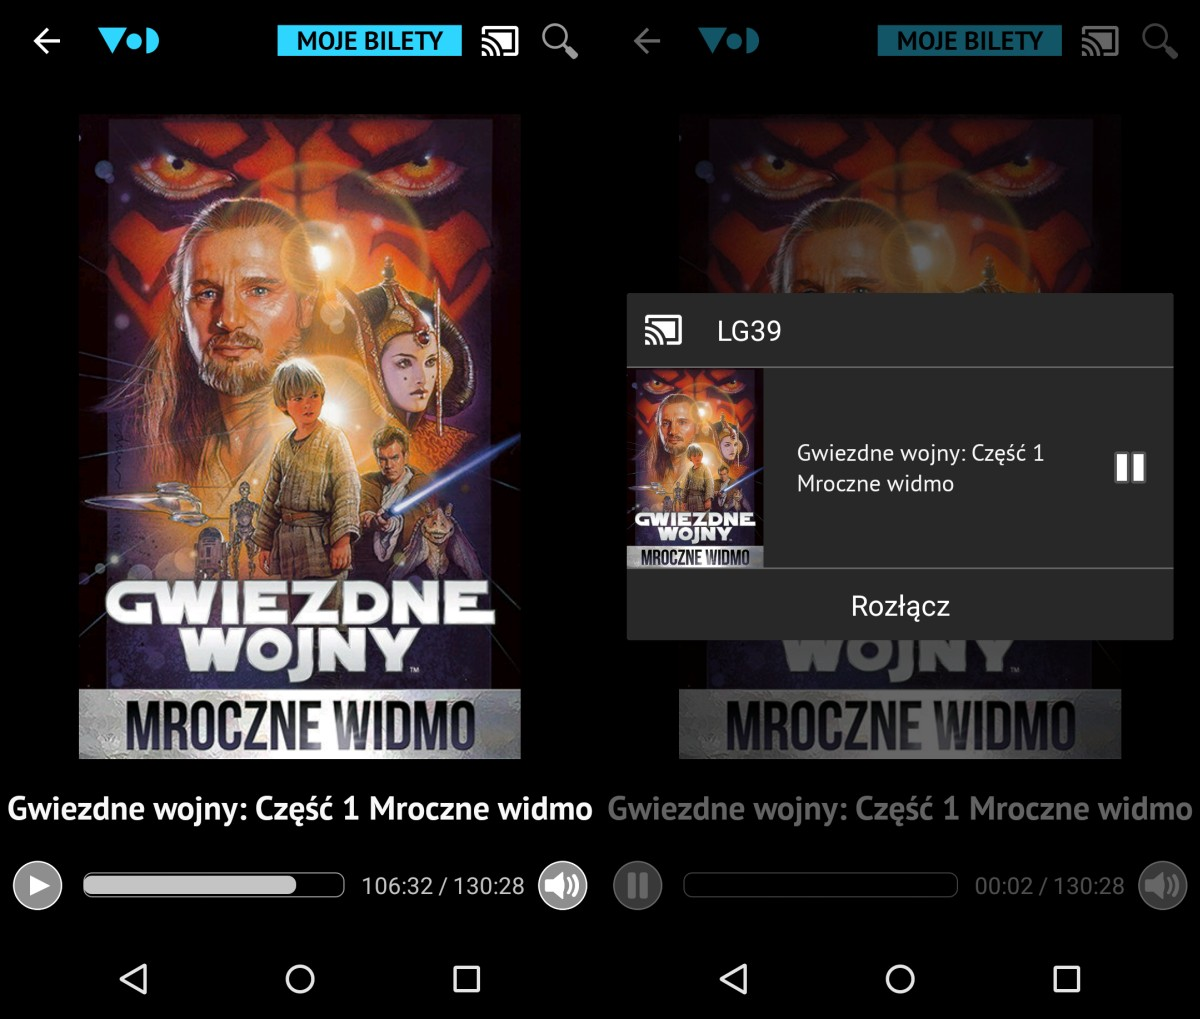 vod.pl.android.chromecast